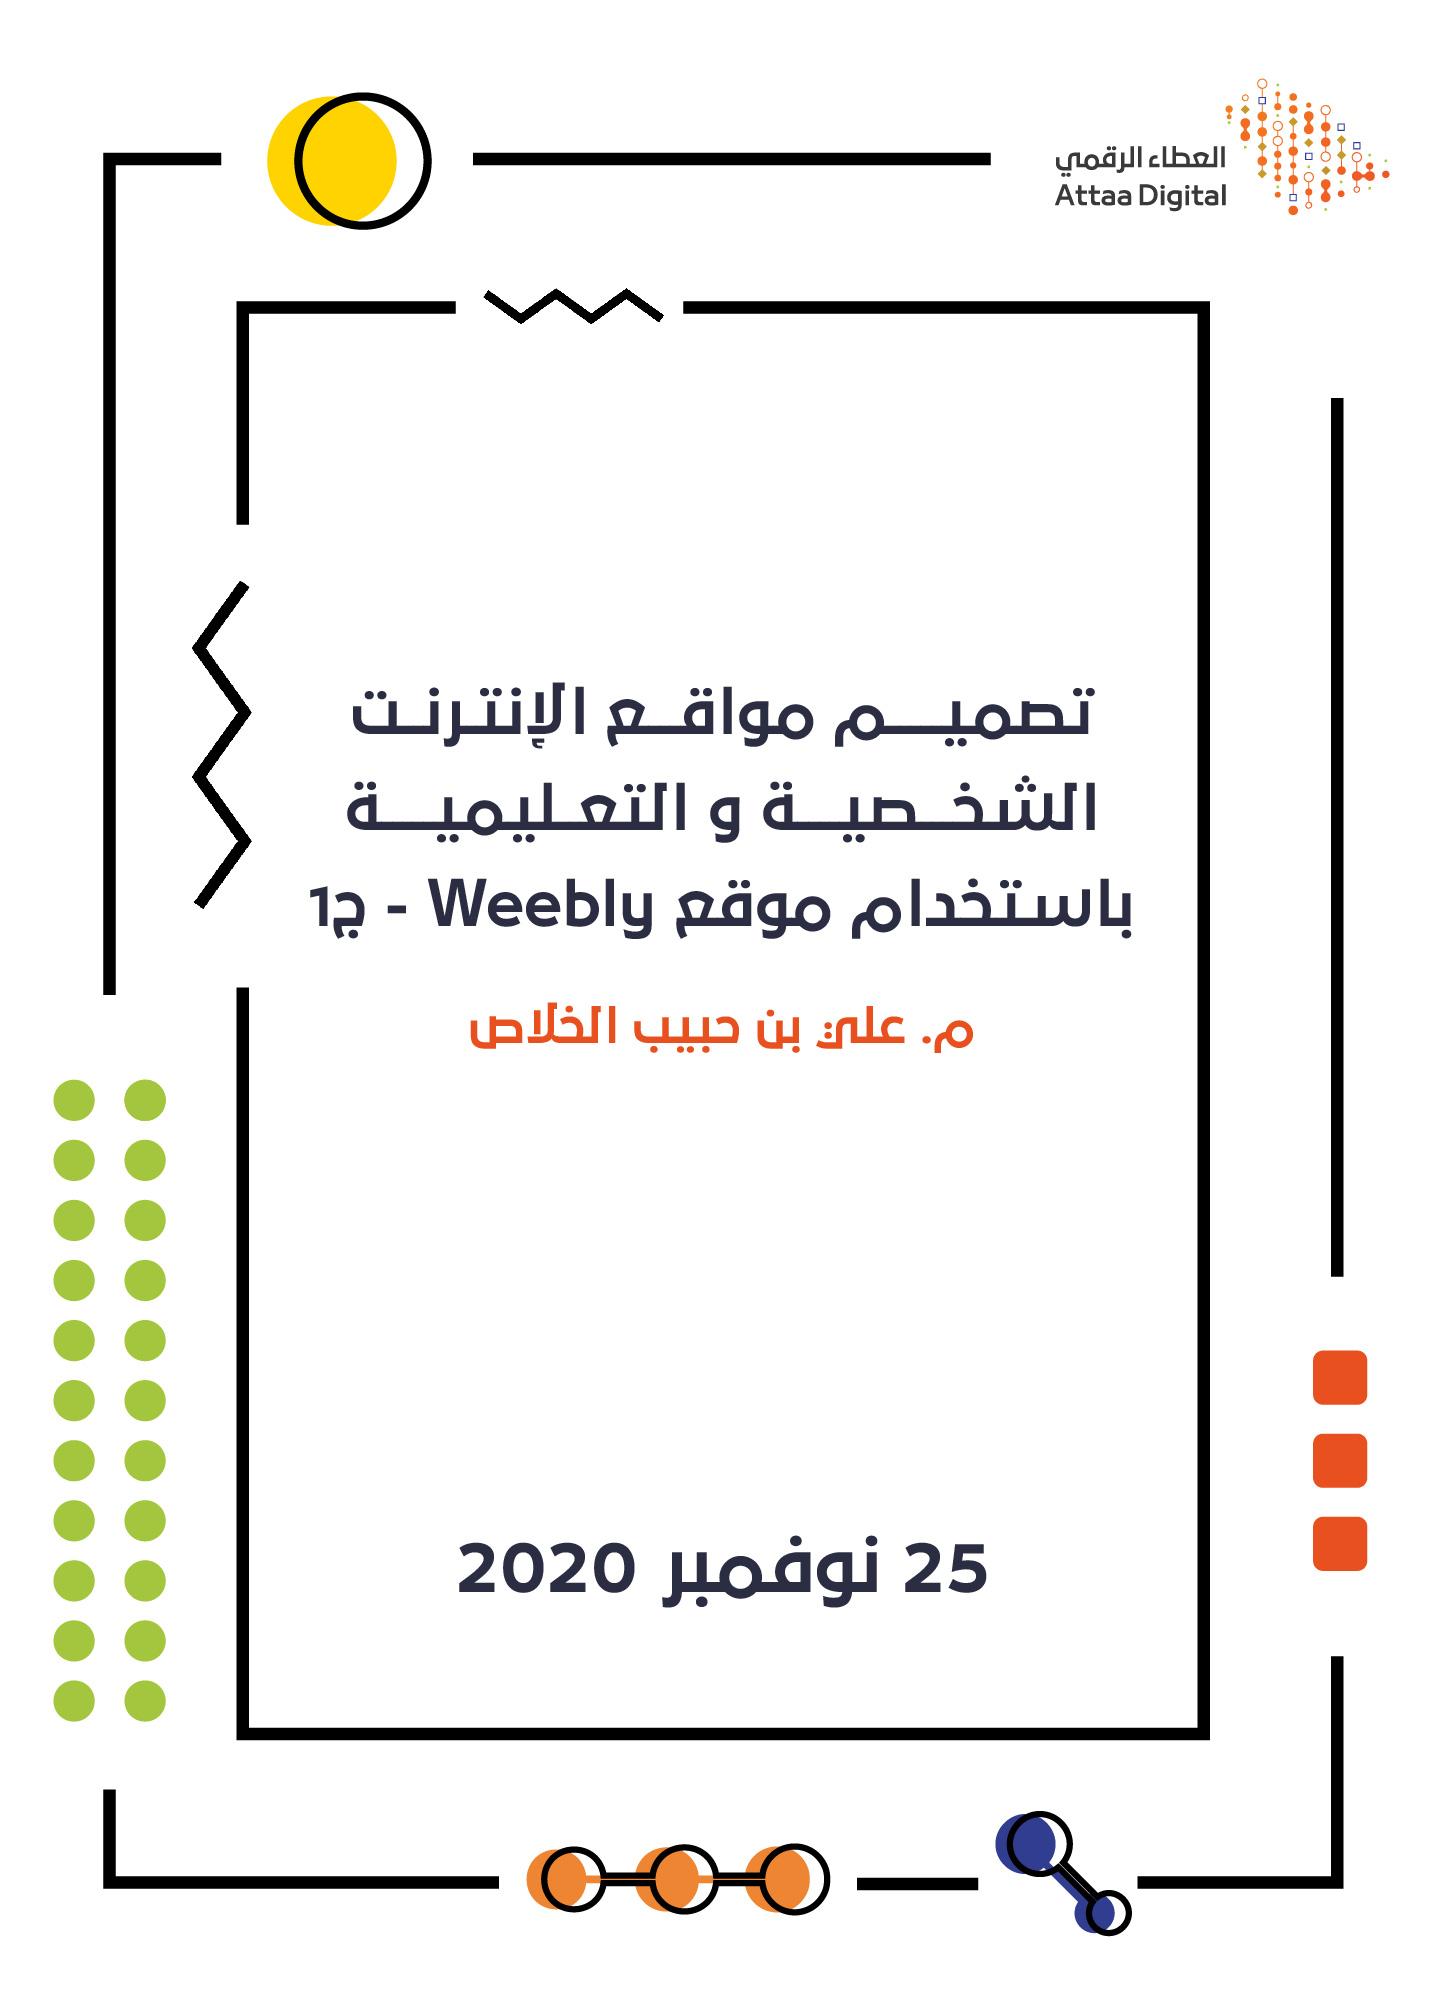 تصميم مواقع الإنترنت الشخصية و التعليمية باستخدام موقع Weebly - ج1